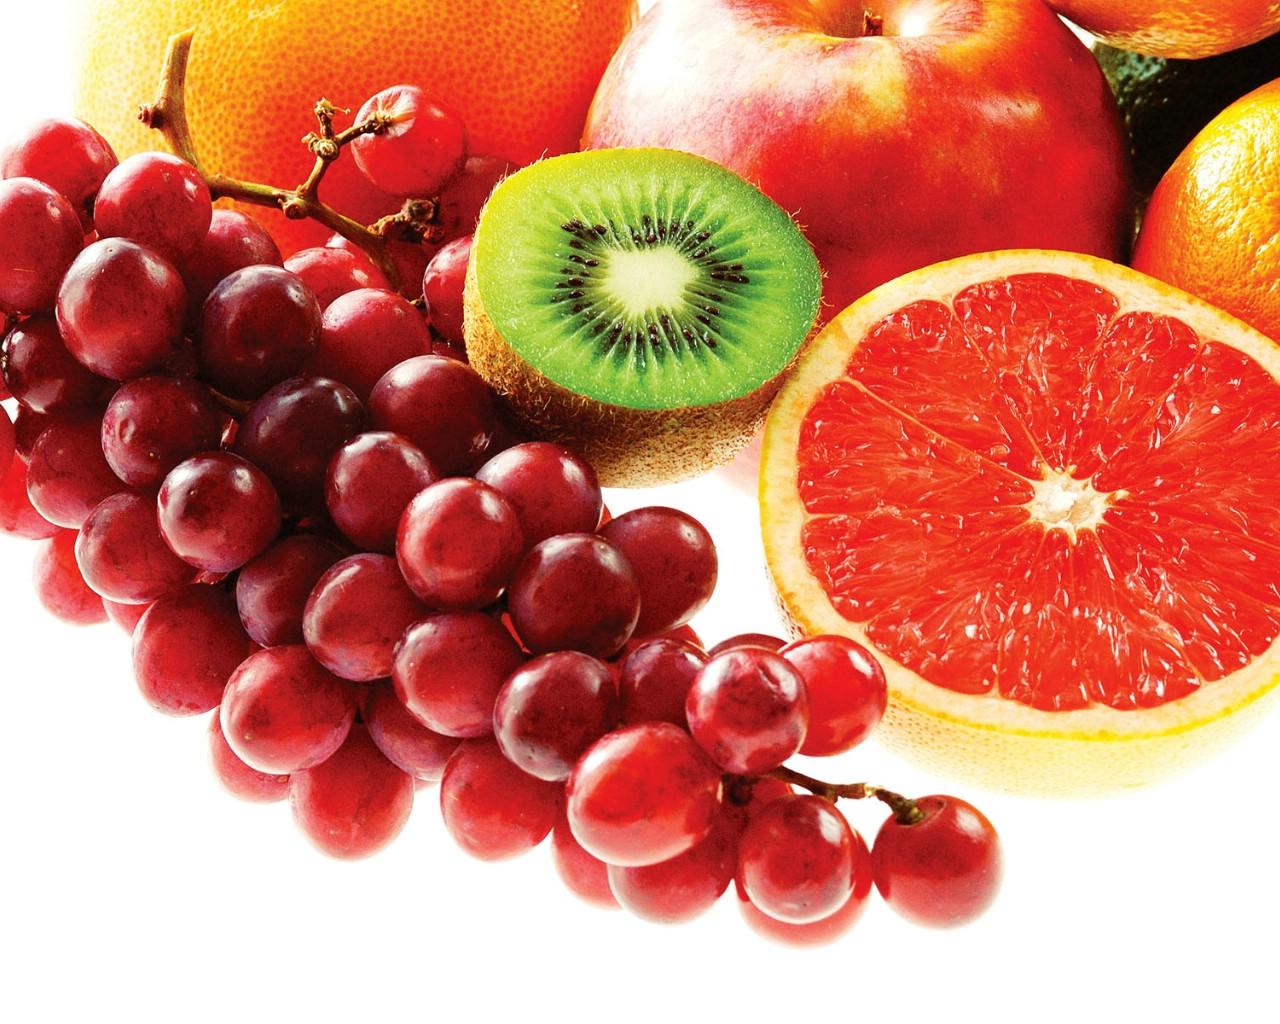 水果壁纸图片_水果壁纸